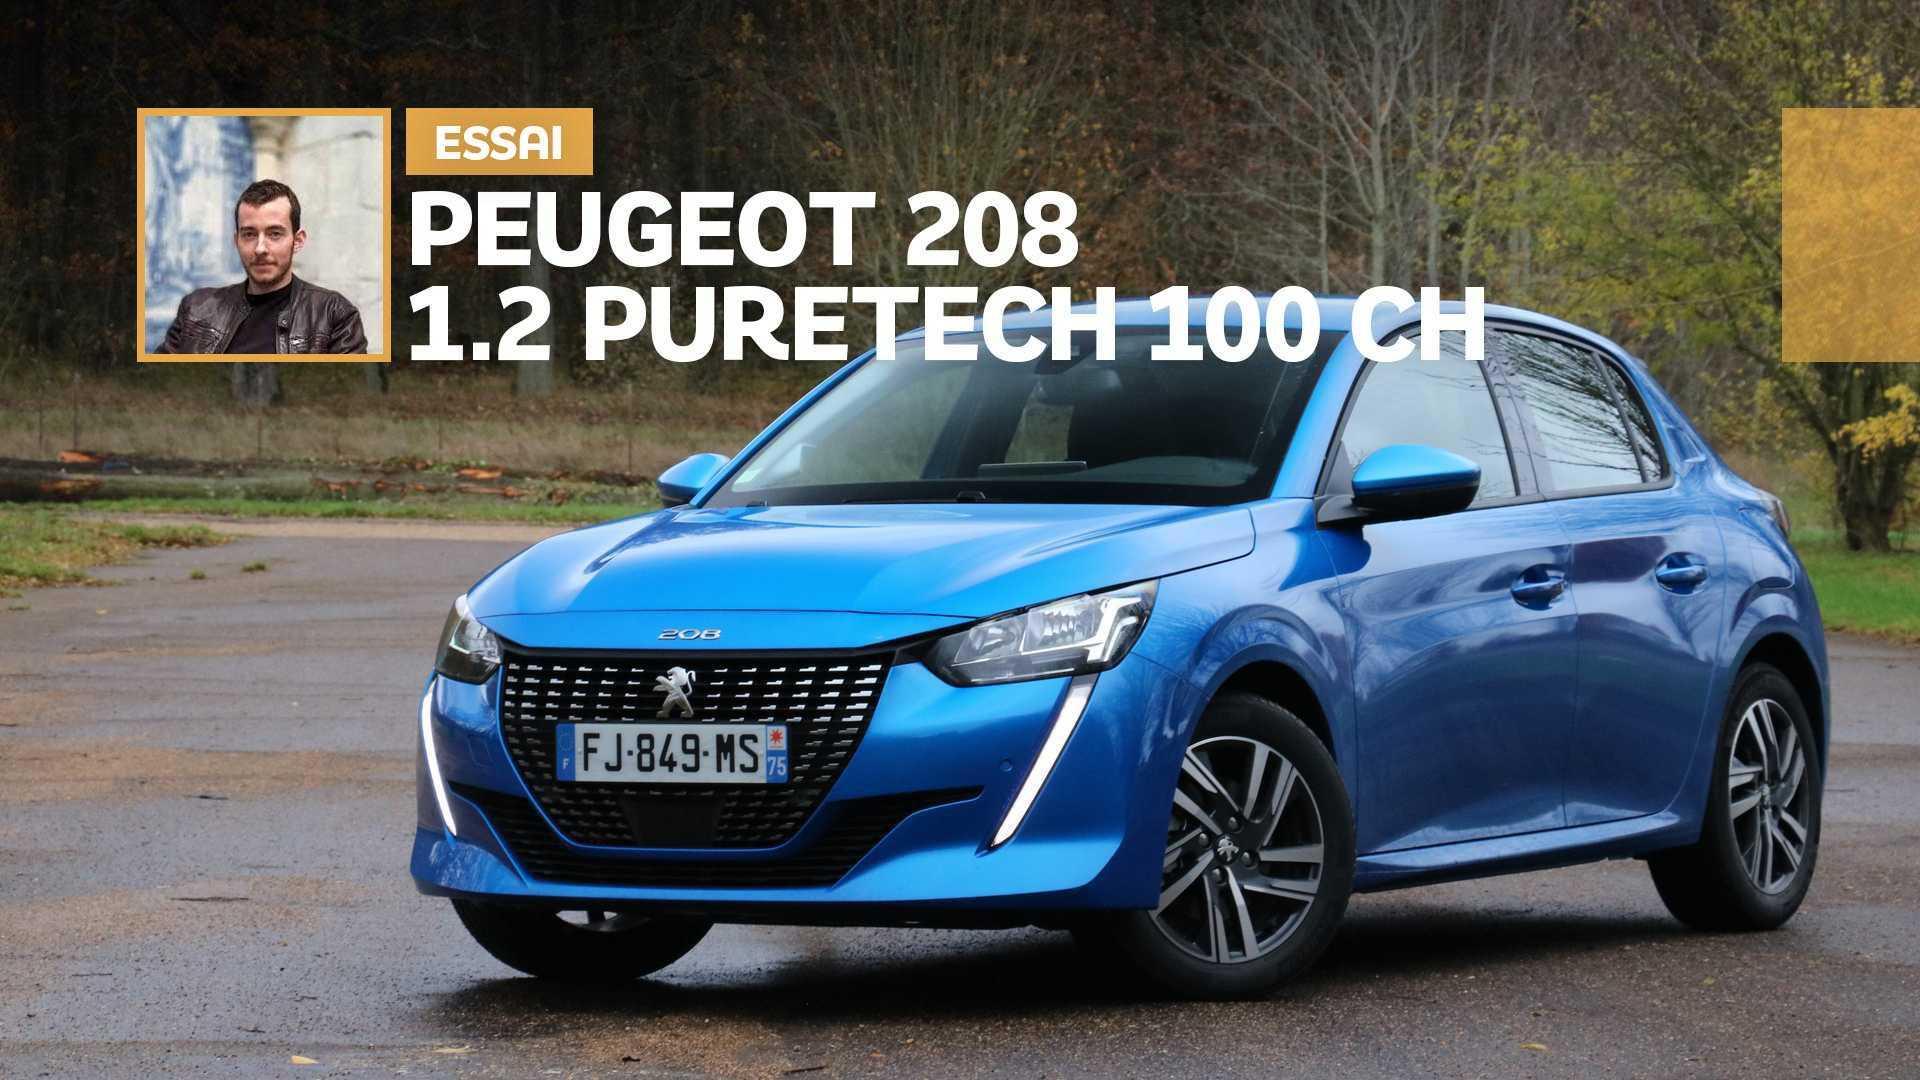 Essai Peugeot 208 1.2 PureTech 100 ch - A-t-on vraiment besoin de plus ?